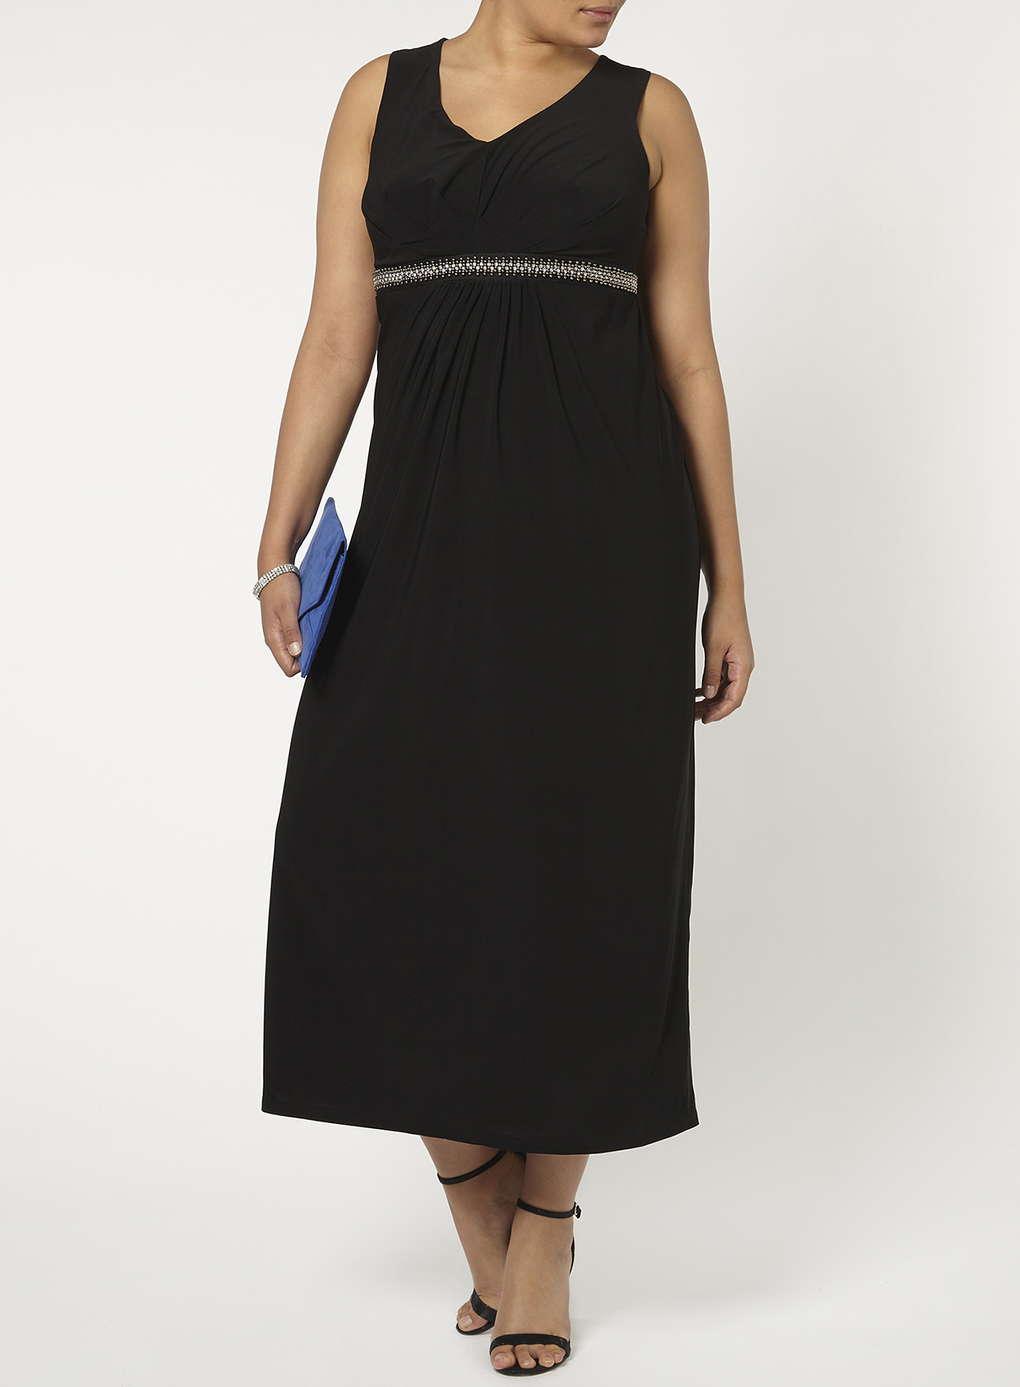 Büyük Beden Uzun Abiye Elbise Modelleri - Gece Elbiseleri - plus size dresses (2)